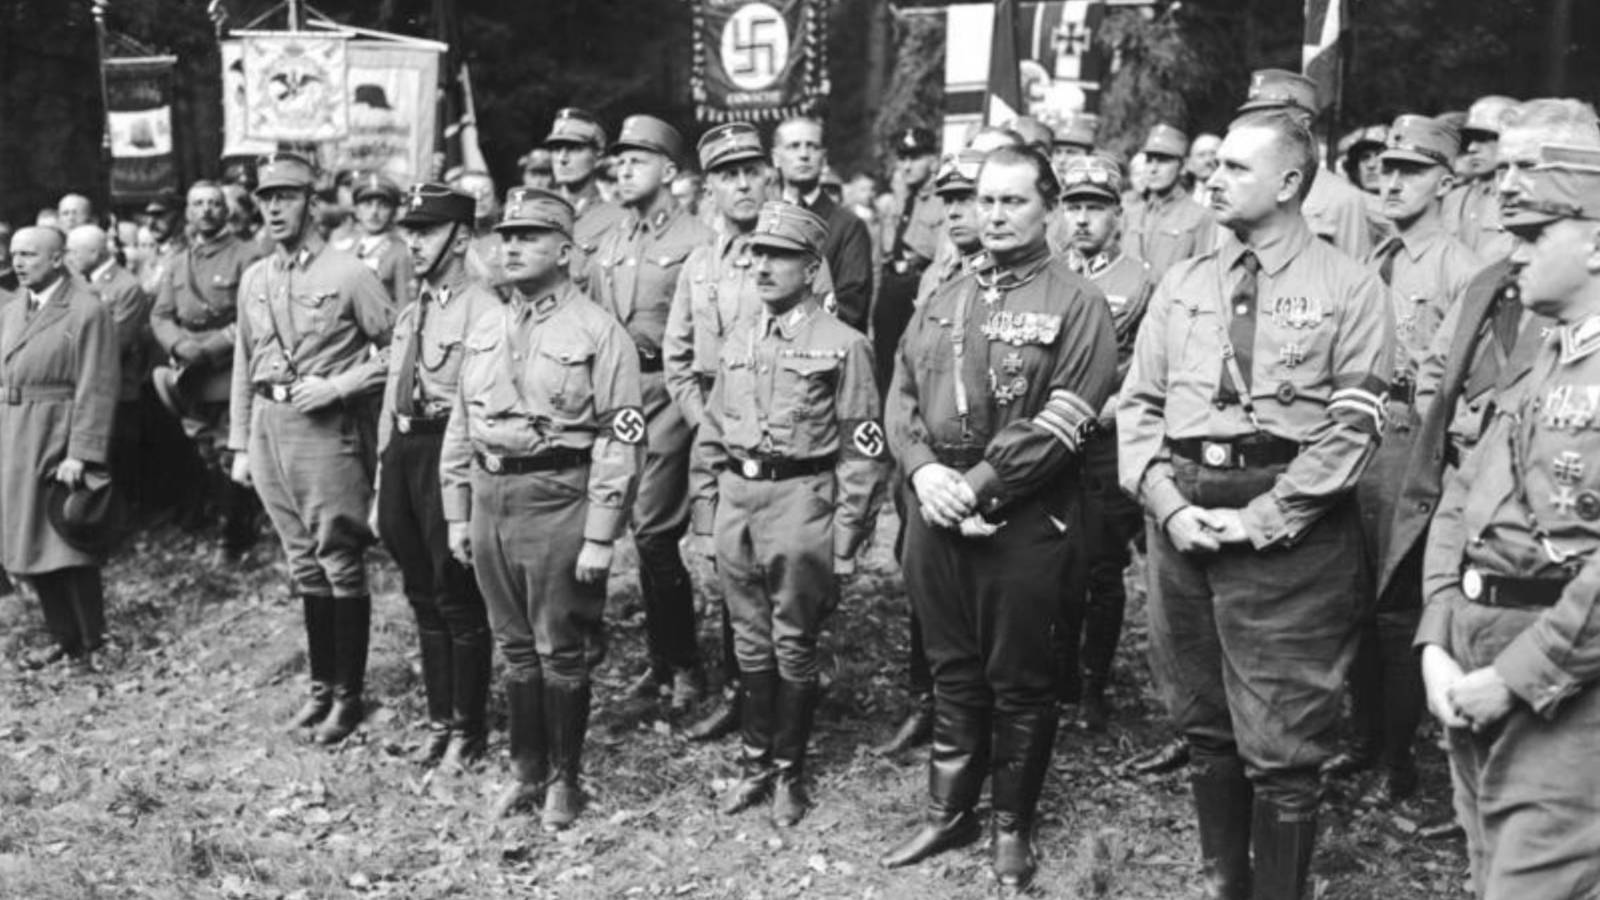 quien-era-quien-entre-los-nazis-las-fichas-de-sus-elites-que-se-han-hecho-publicas.jpg